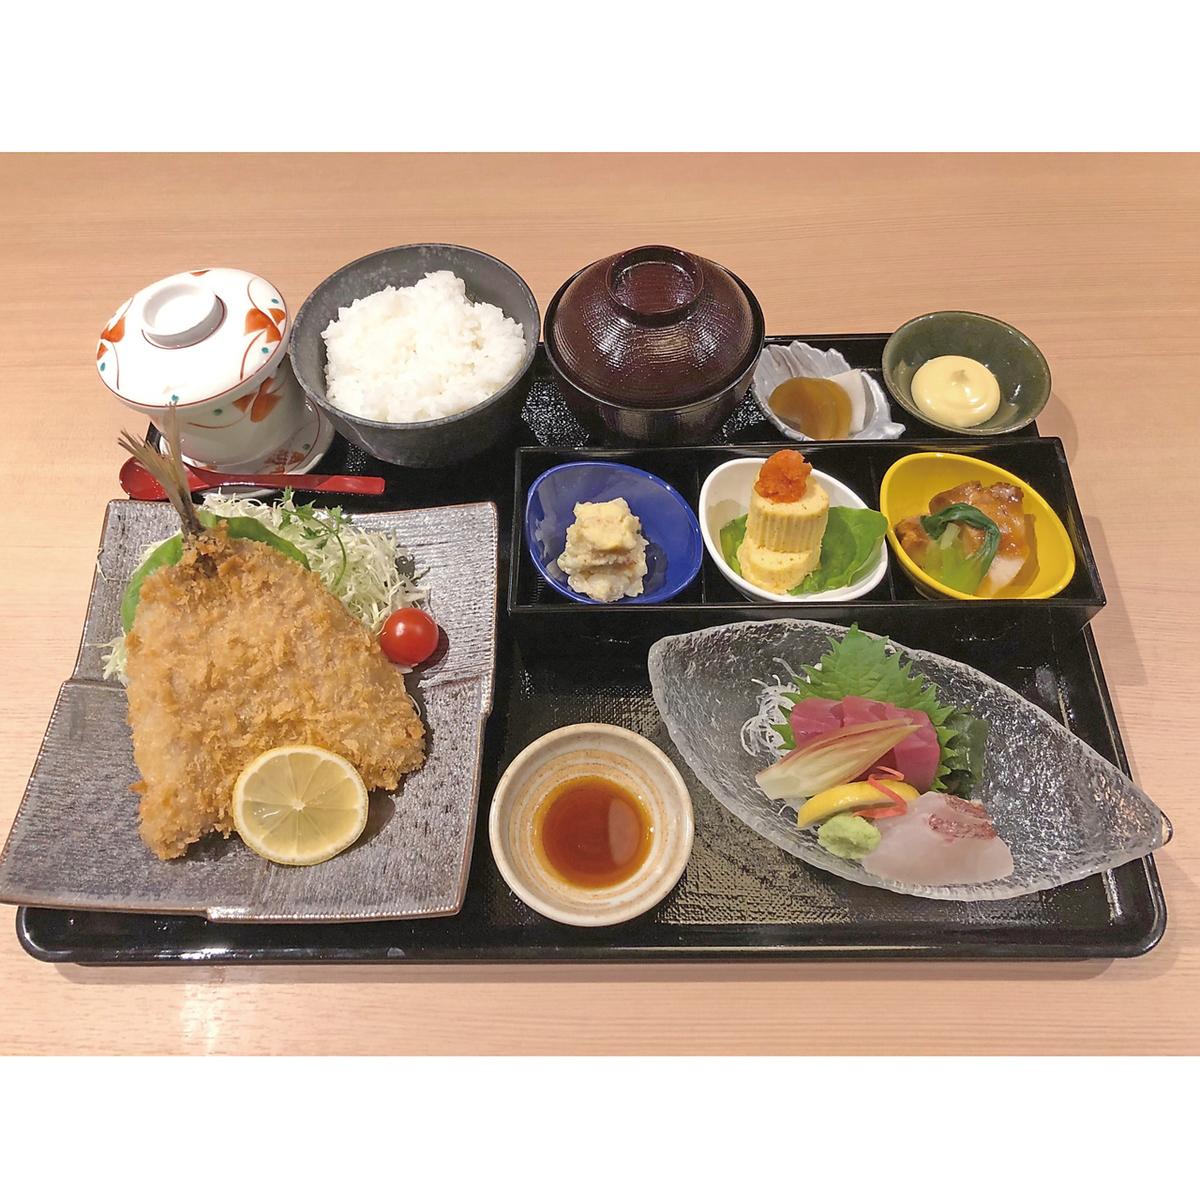 激活asifui設置菜單